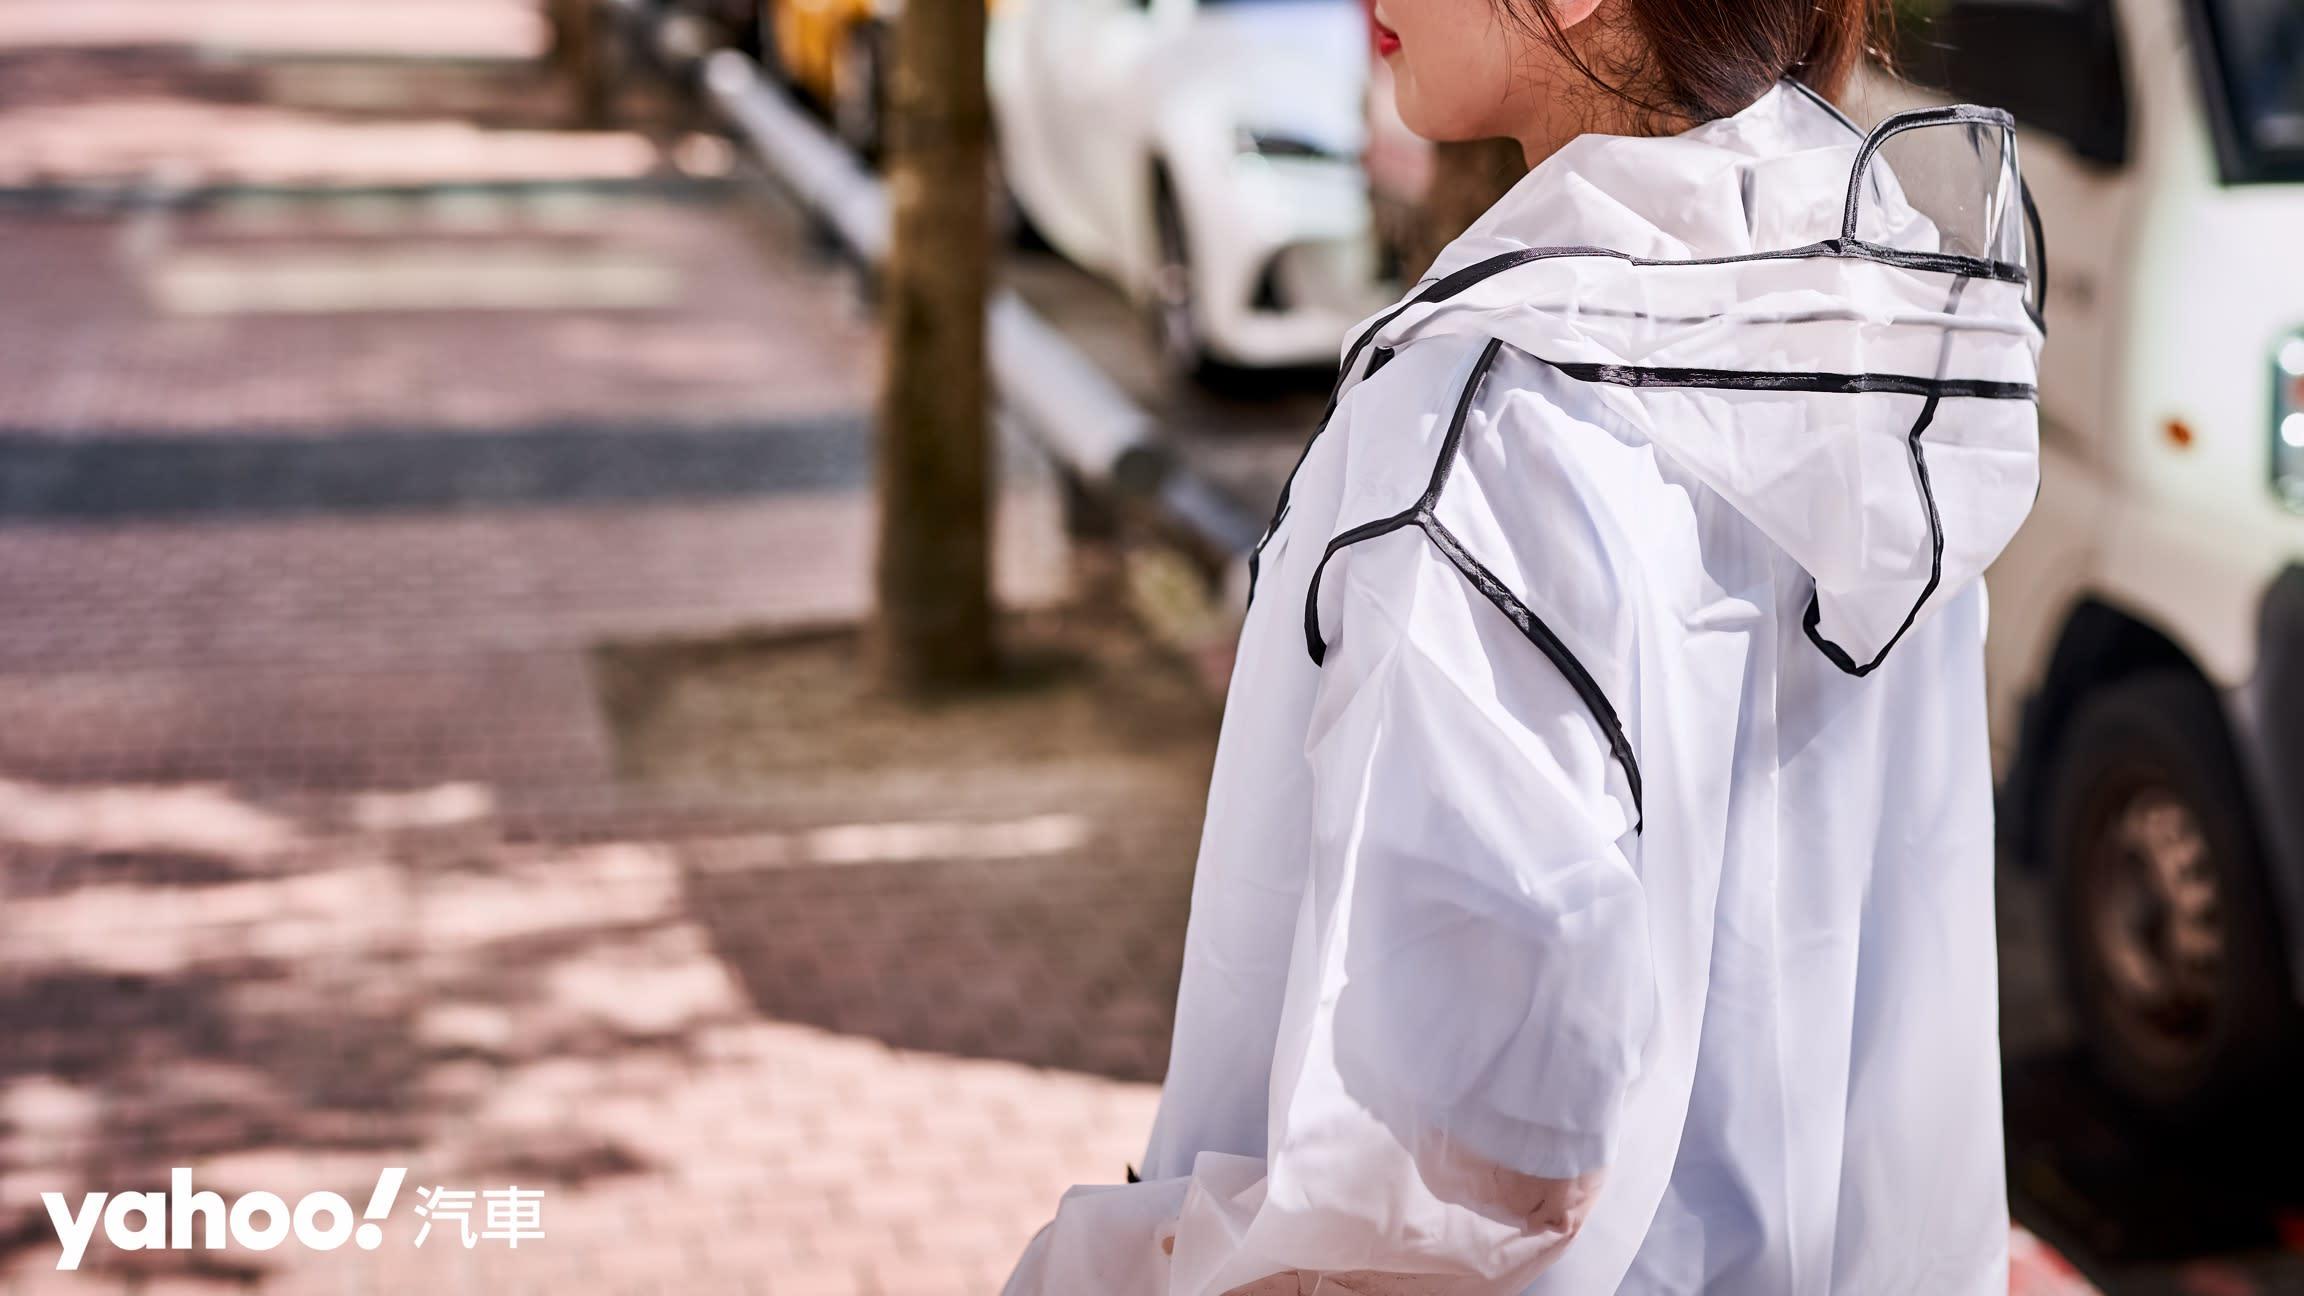 下雨天更要穿出品味!4款潮流系雨衣風格開箱! - 4